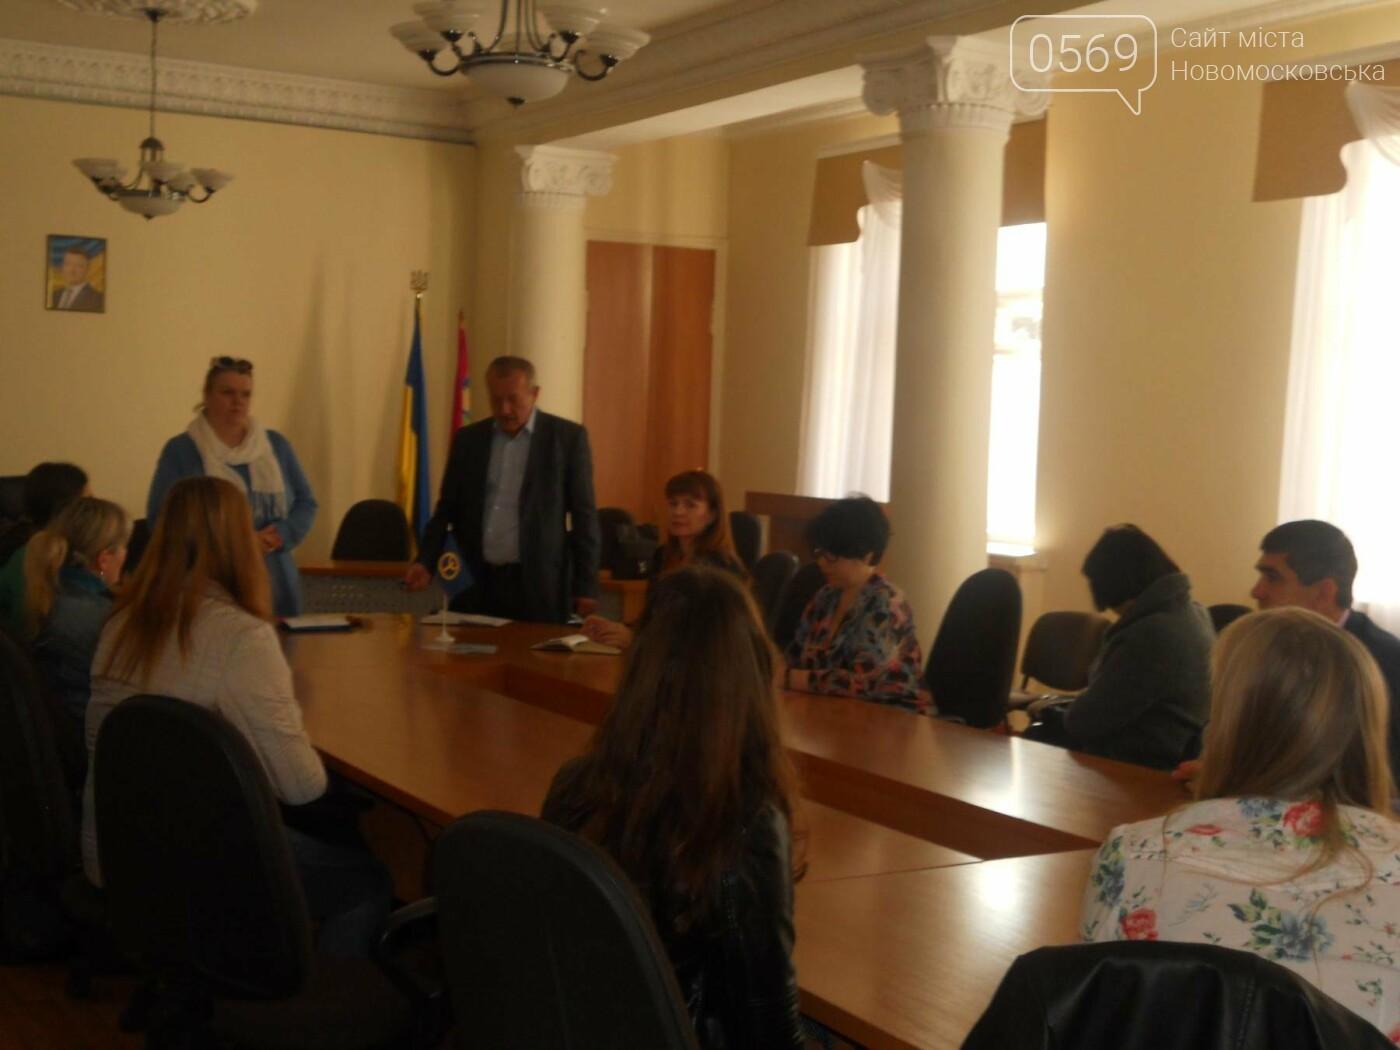 Новомосковску срочно нужны патронажные воспитатели, фото-1